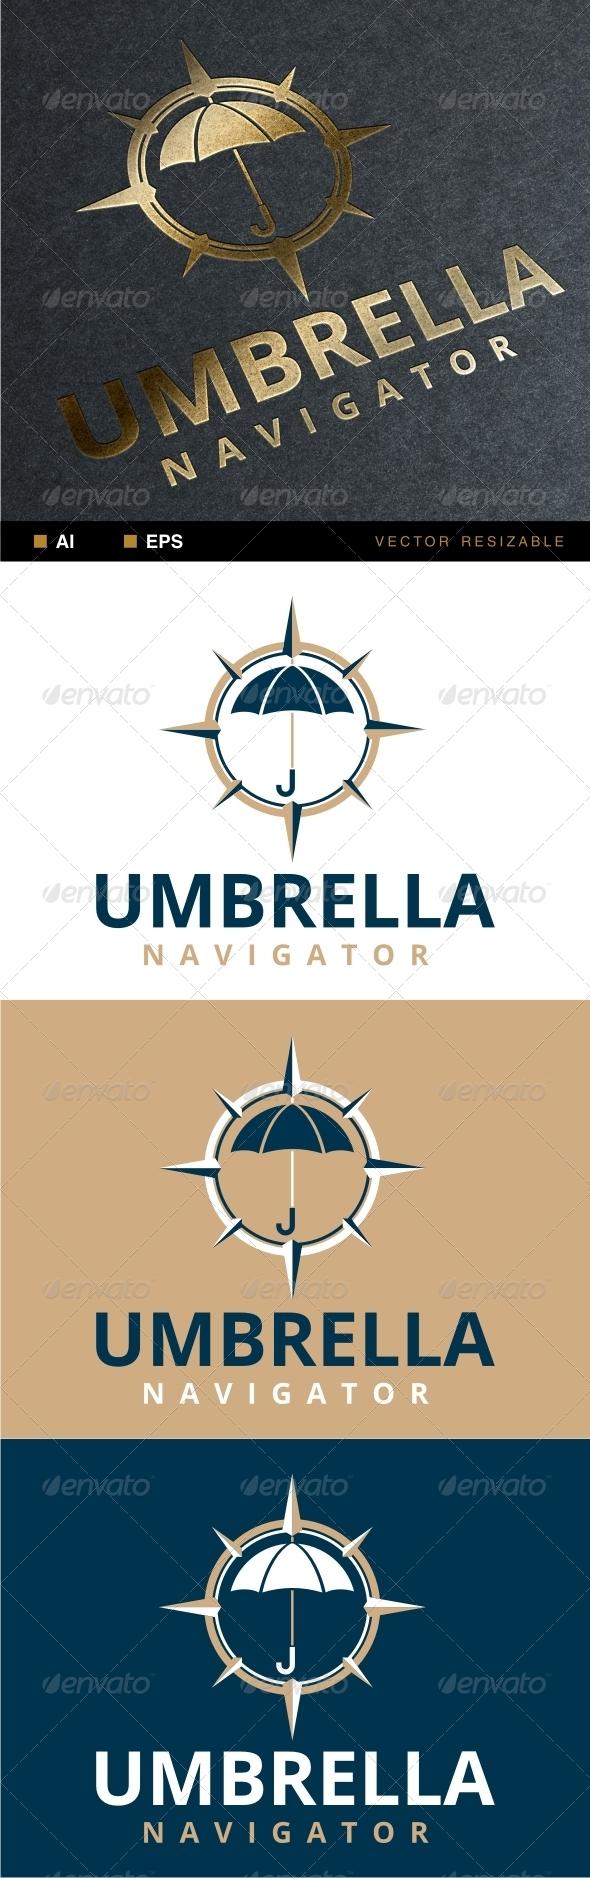 GraphicRiver Umbrella Navigator Logo 7016093